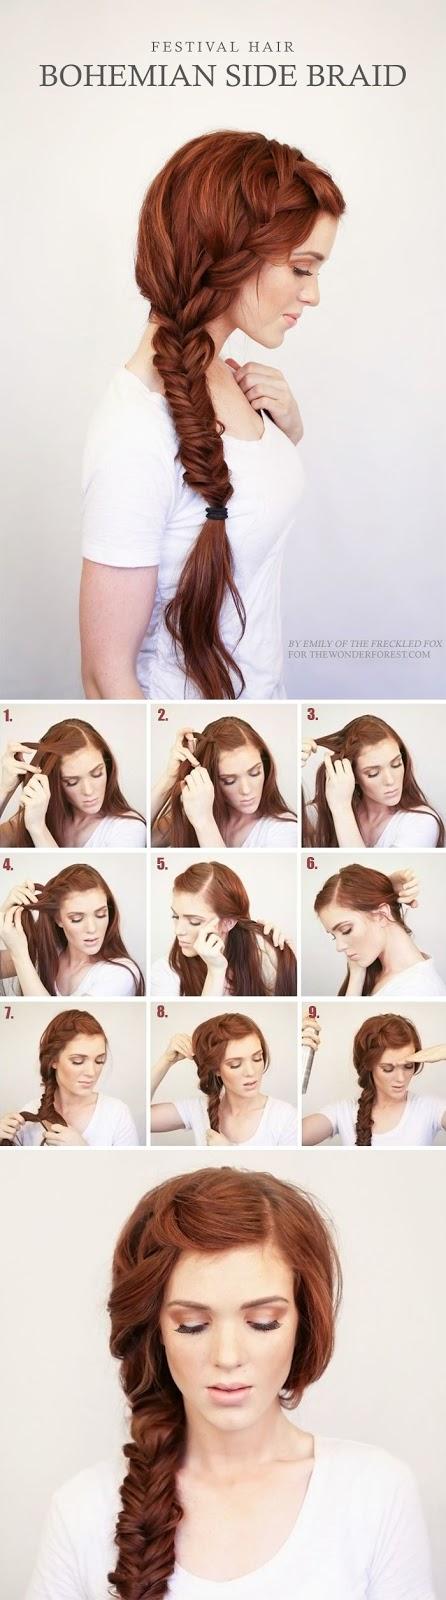 Peinados Para Descargar Gratis - Descargar Fotos De Peinados Gratis Fáciles Imagenes De Peinados